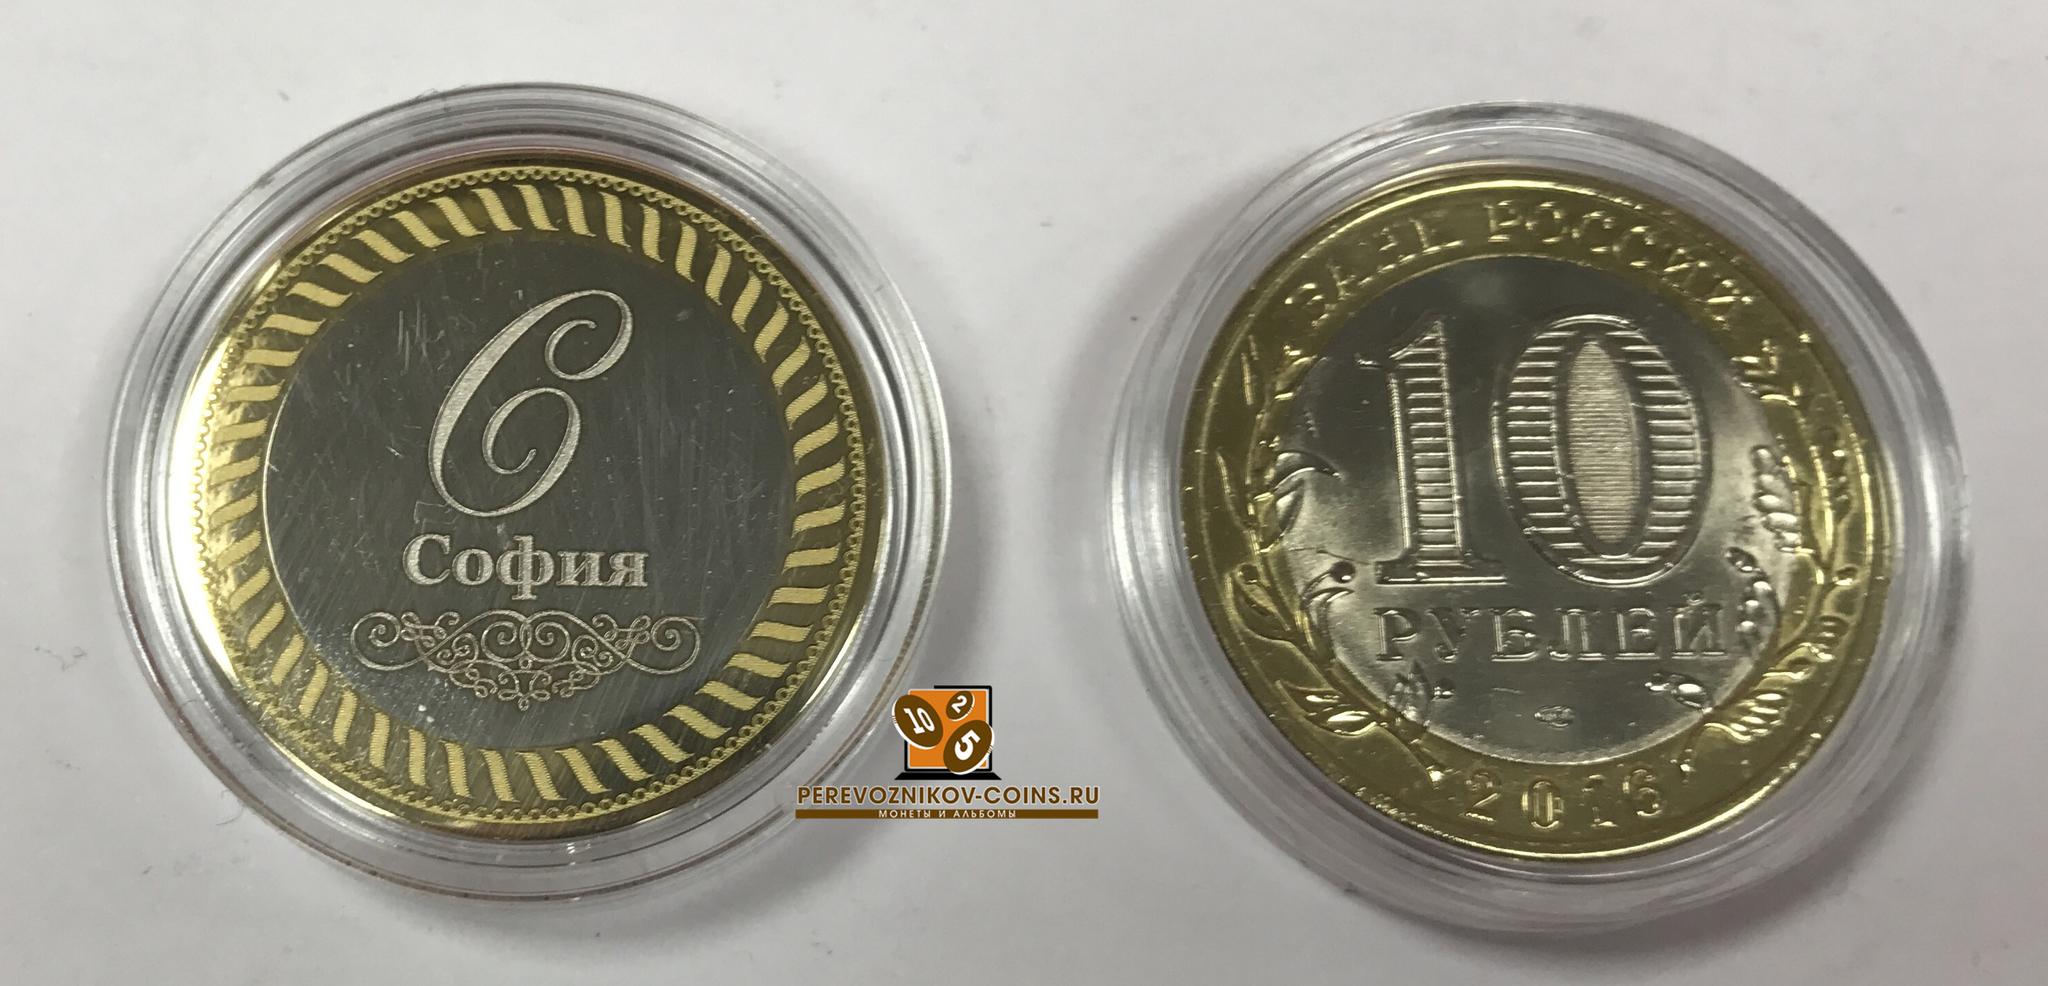 монеты с цветной эмалью и гравировкой любящие